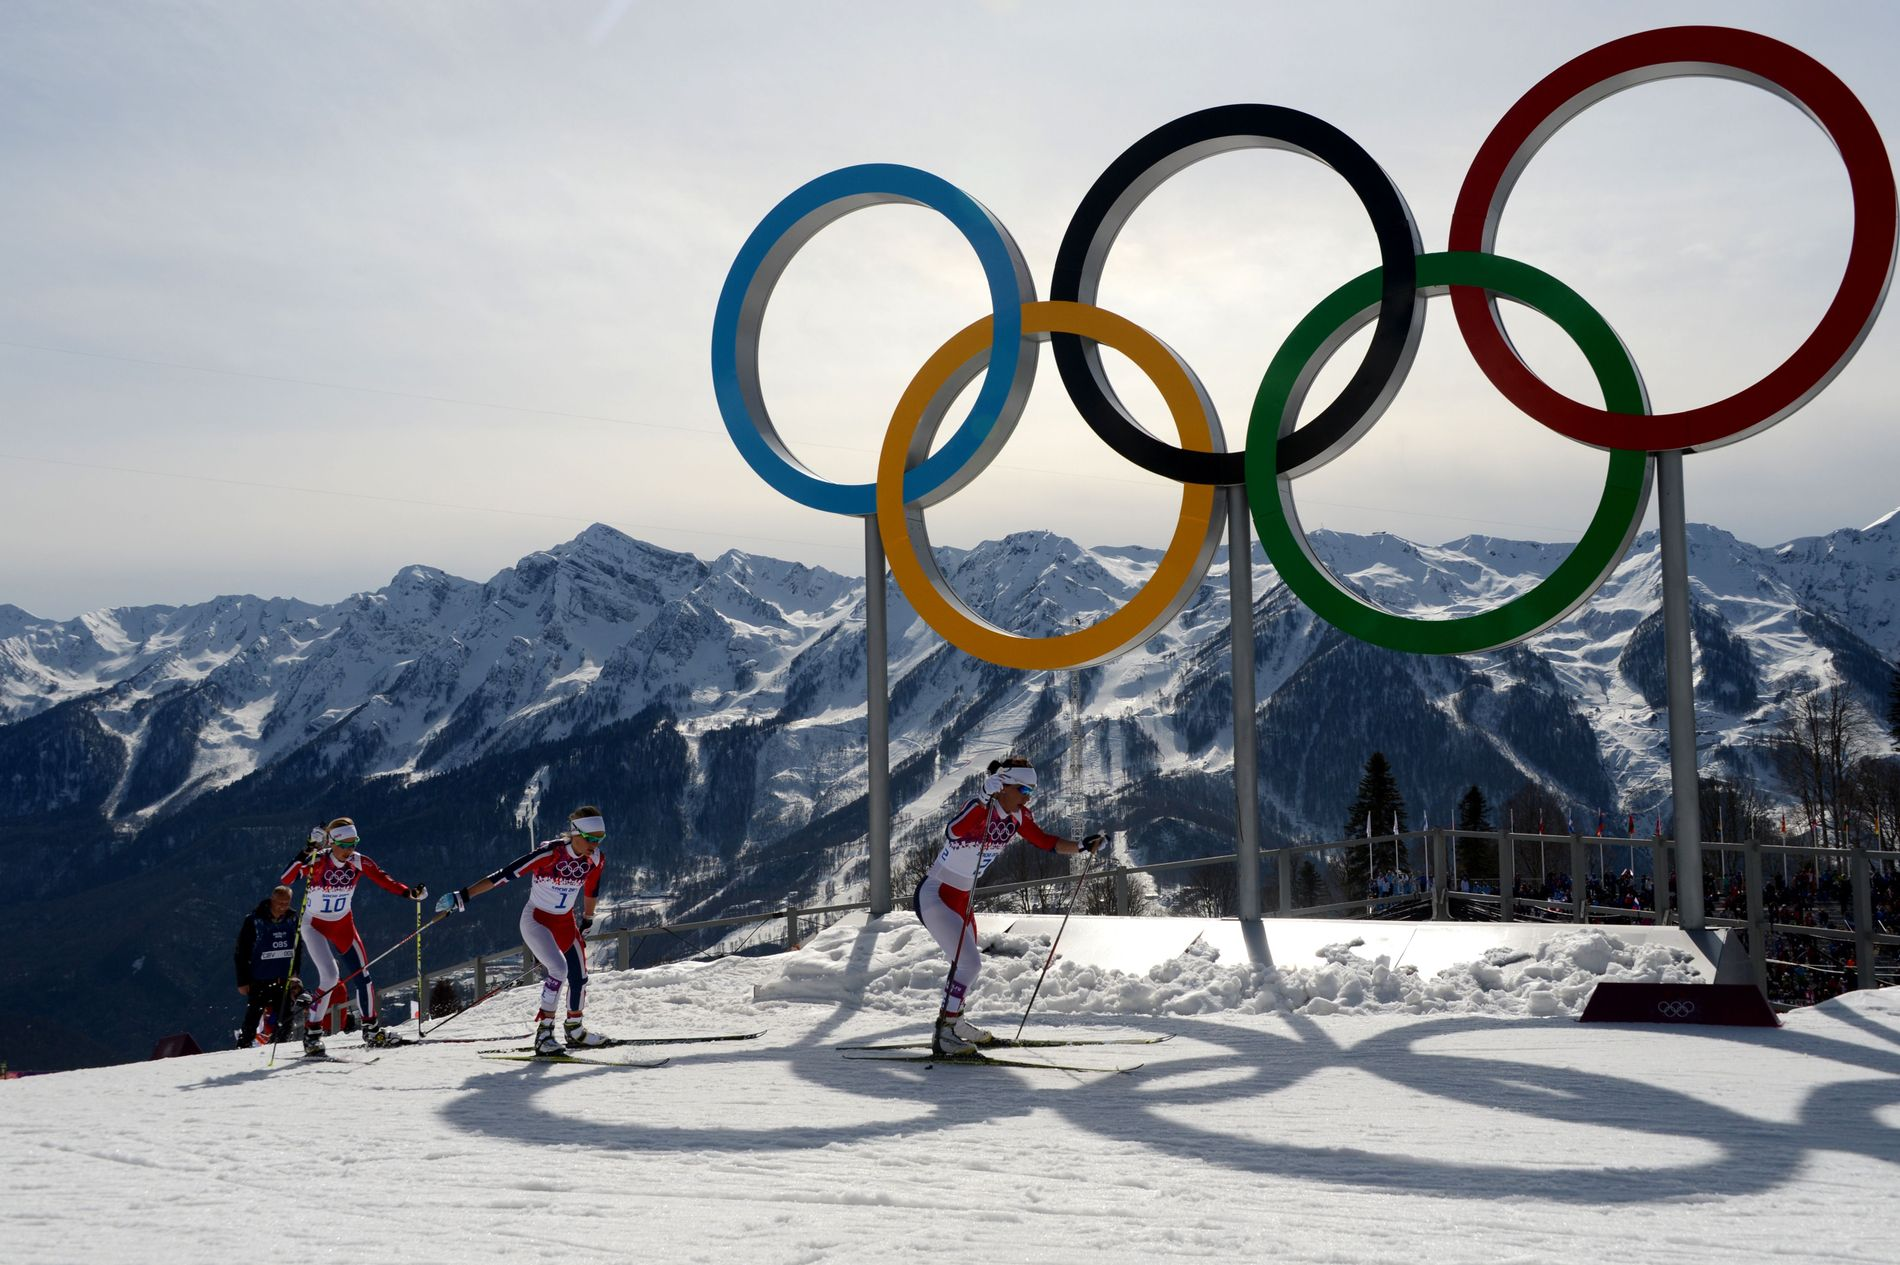 OL TIL NORGE? Denne gangen er det Telemark som kaster seg inn i kampen om å få lekene tilbake til Norge. Bildet er fra kvinnenes tremil under OL i 2014.